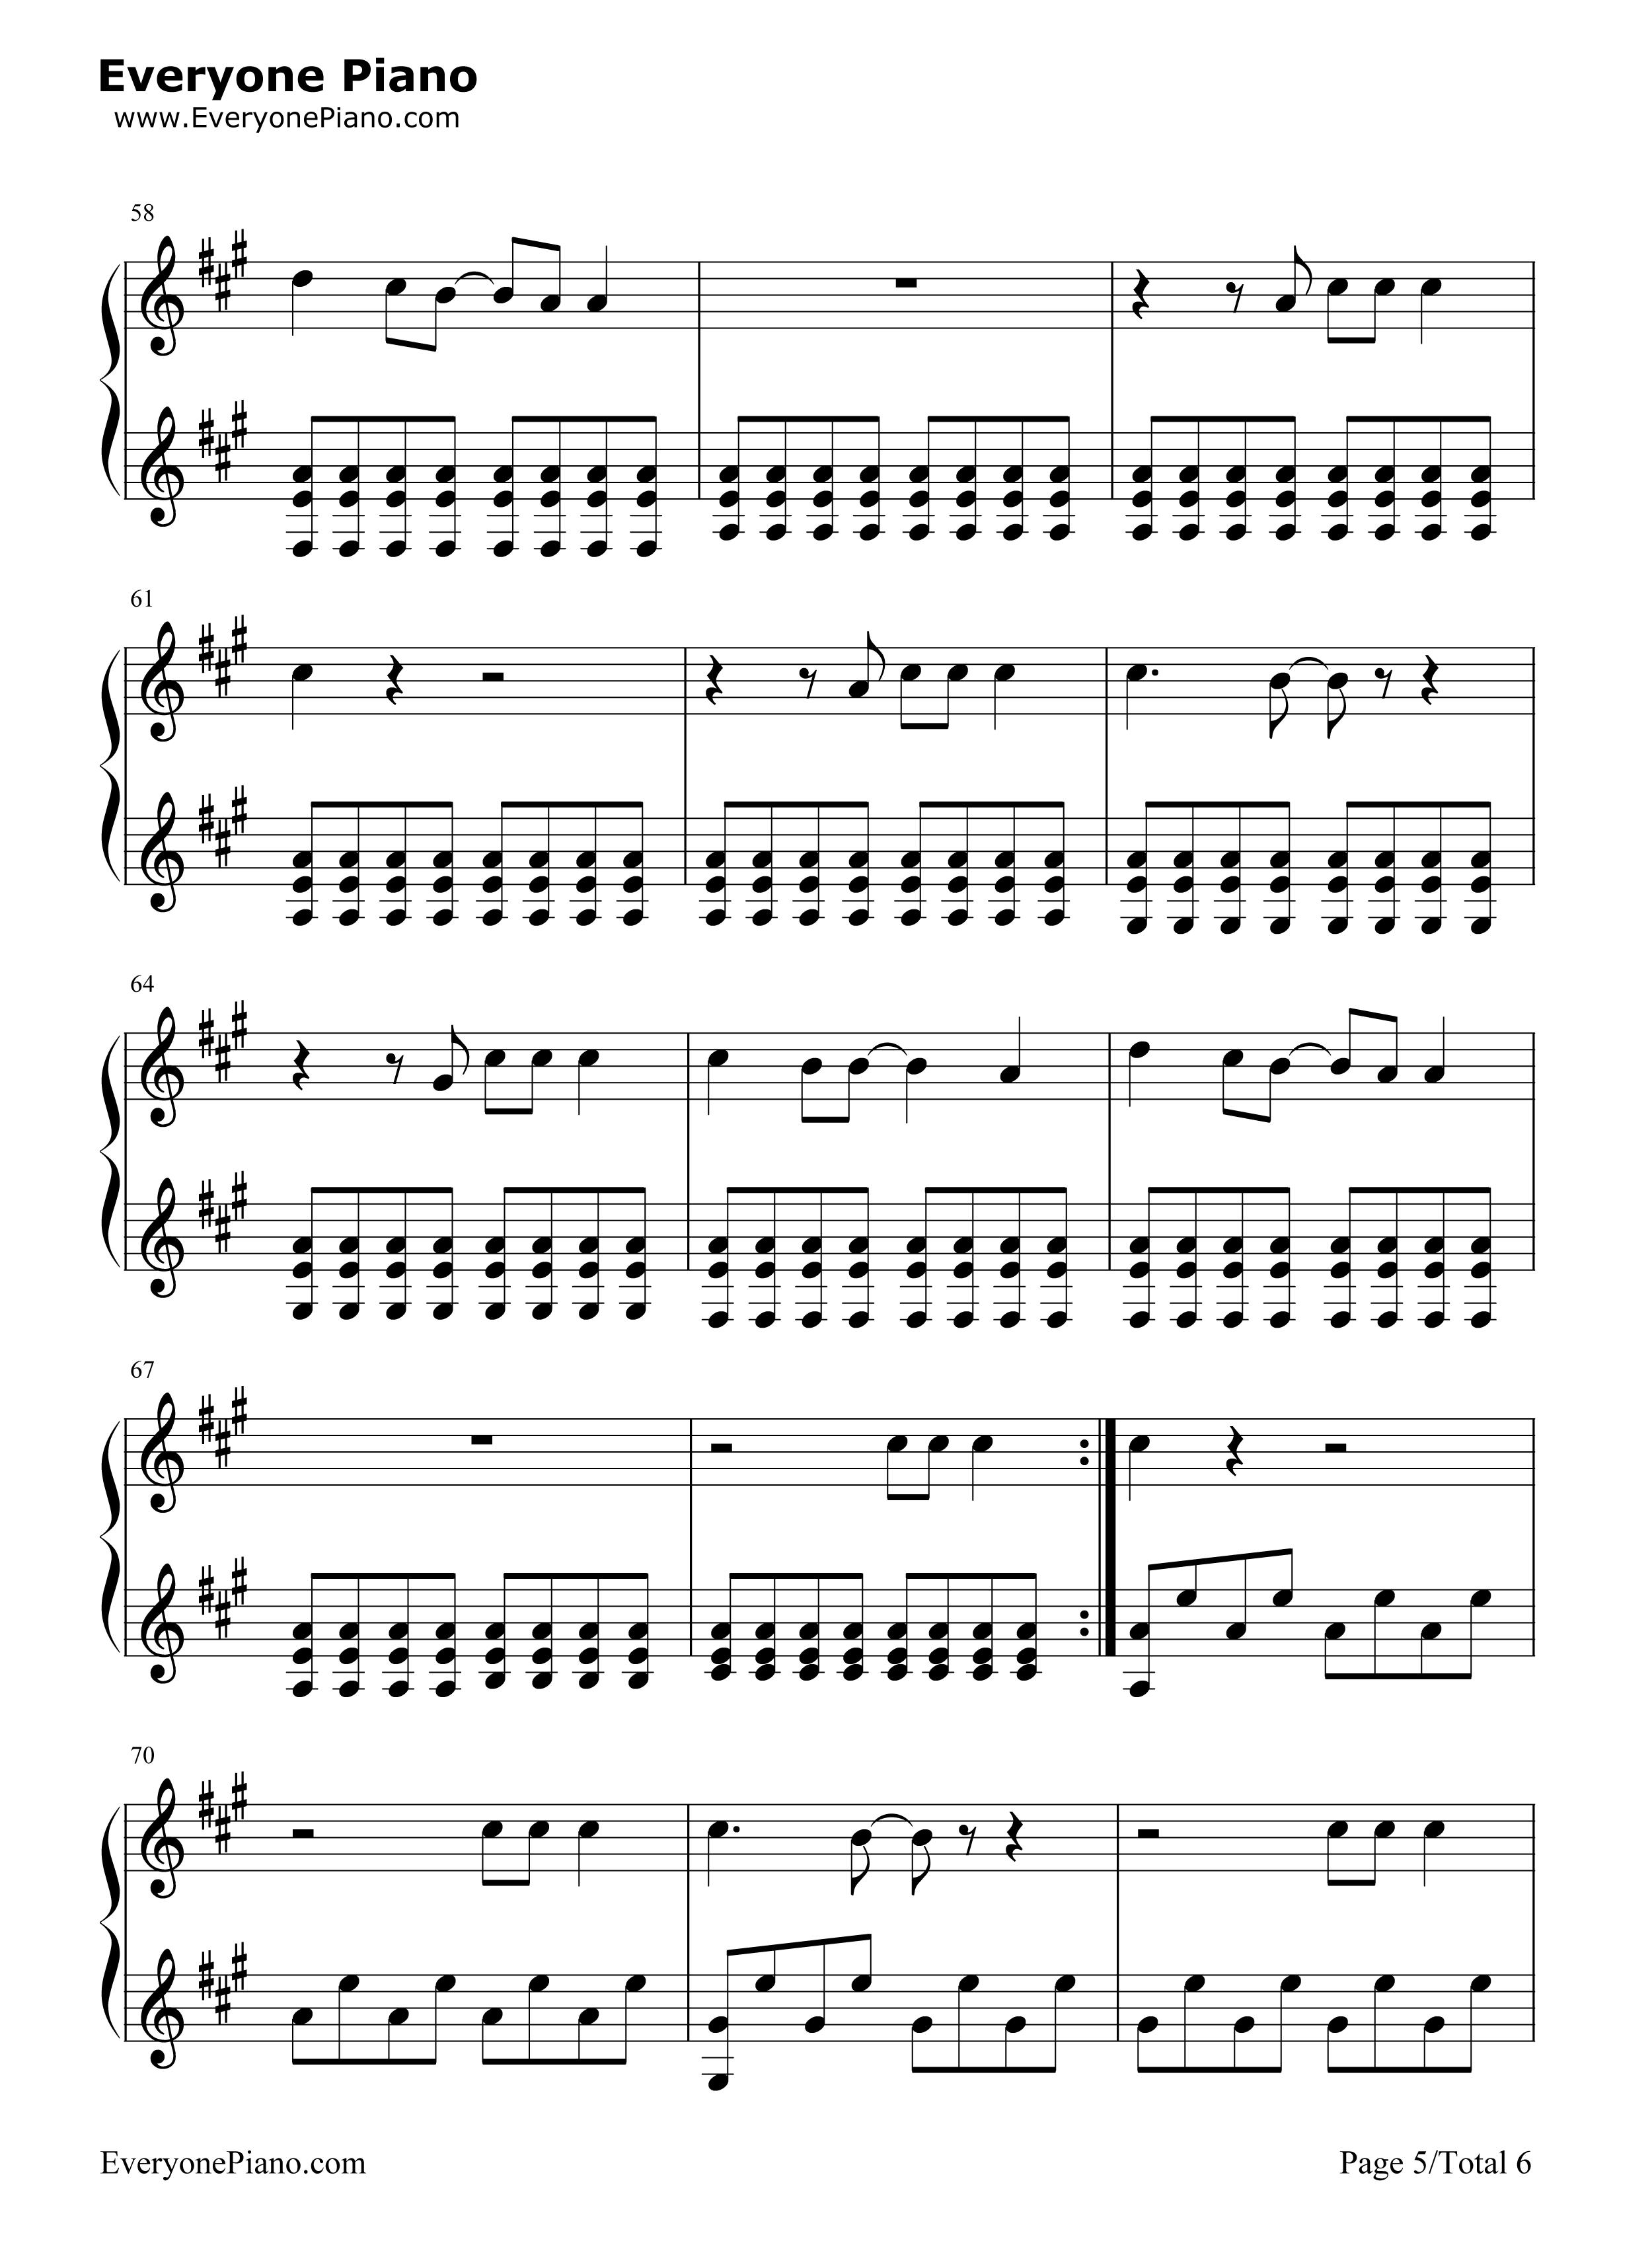 chasing cars chords piano